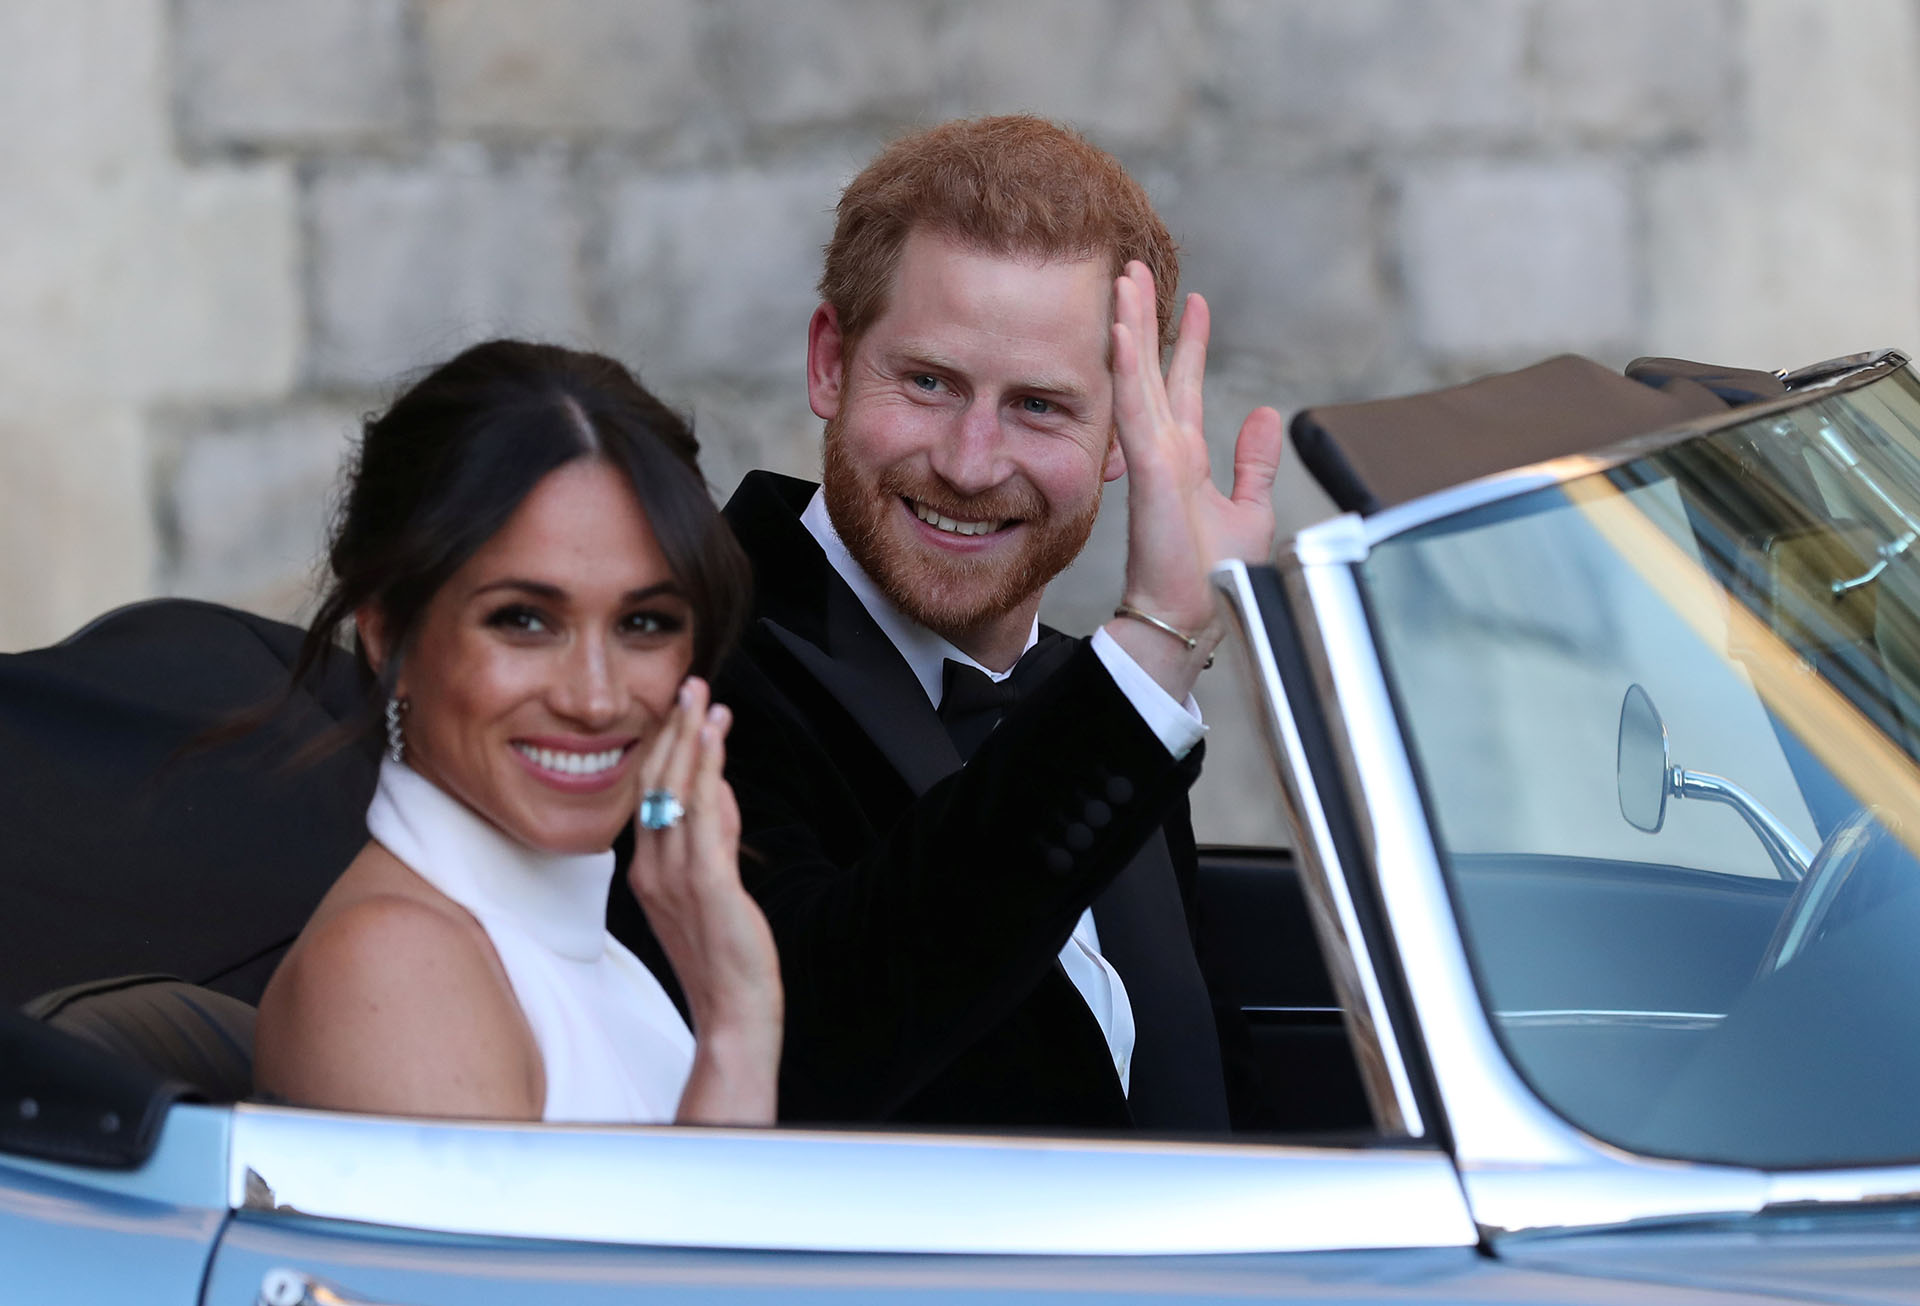 Durante la ceremonia en el Castillo Windsor, Markle eligió llevar un anillo que perteneció a la Princesa Diana (REUTERS)